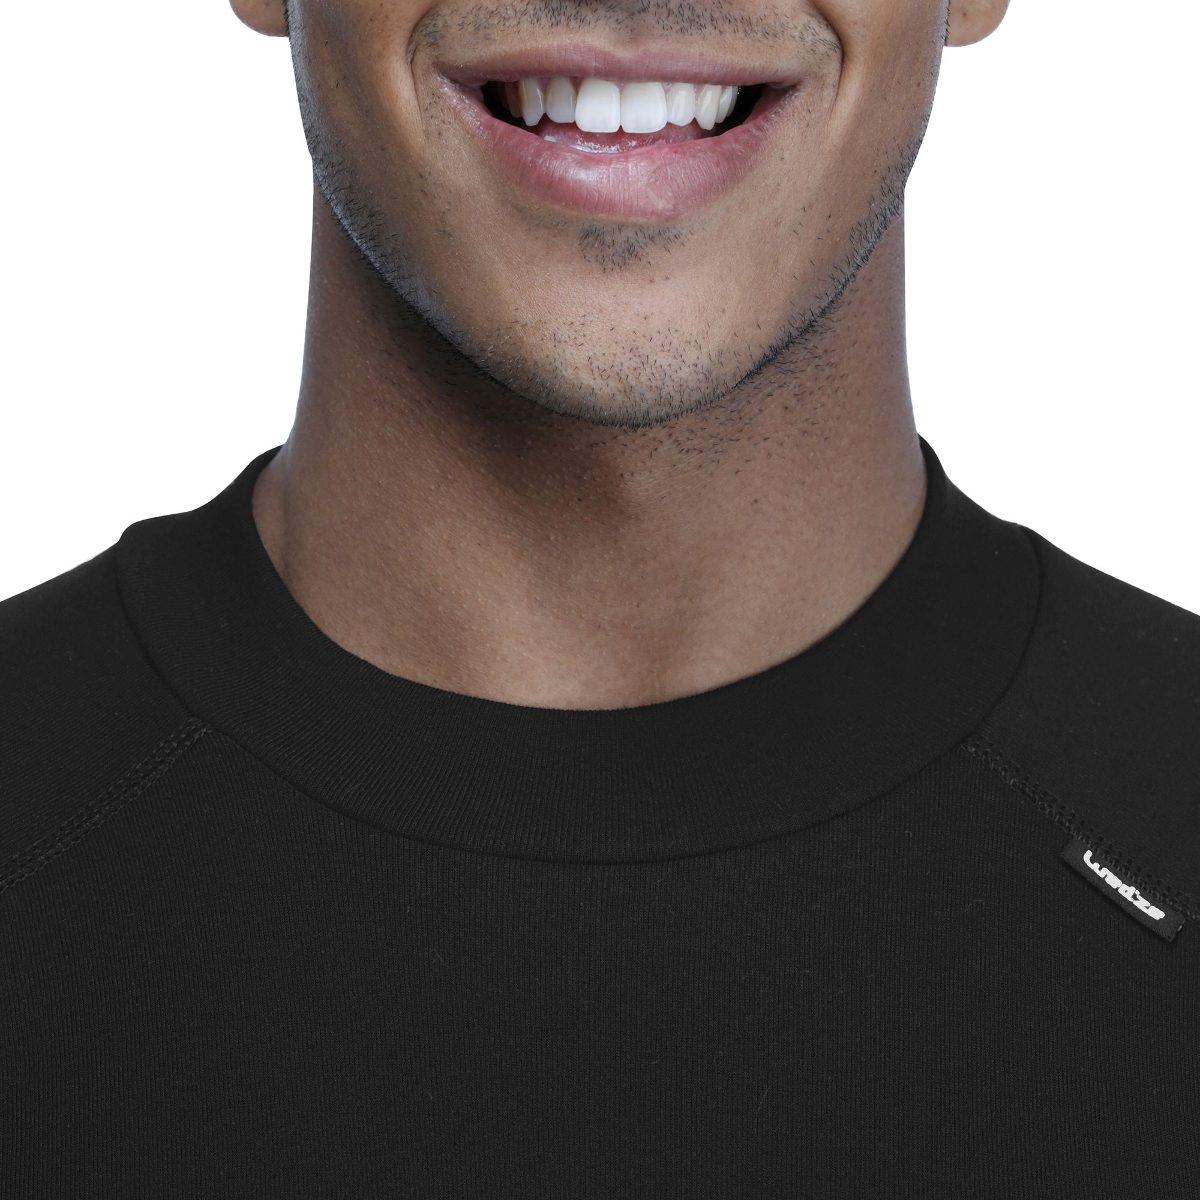 c8011576e2007 blusa frio masculina segunda pele isolamento térmico preta. Carregando zoom.